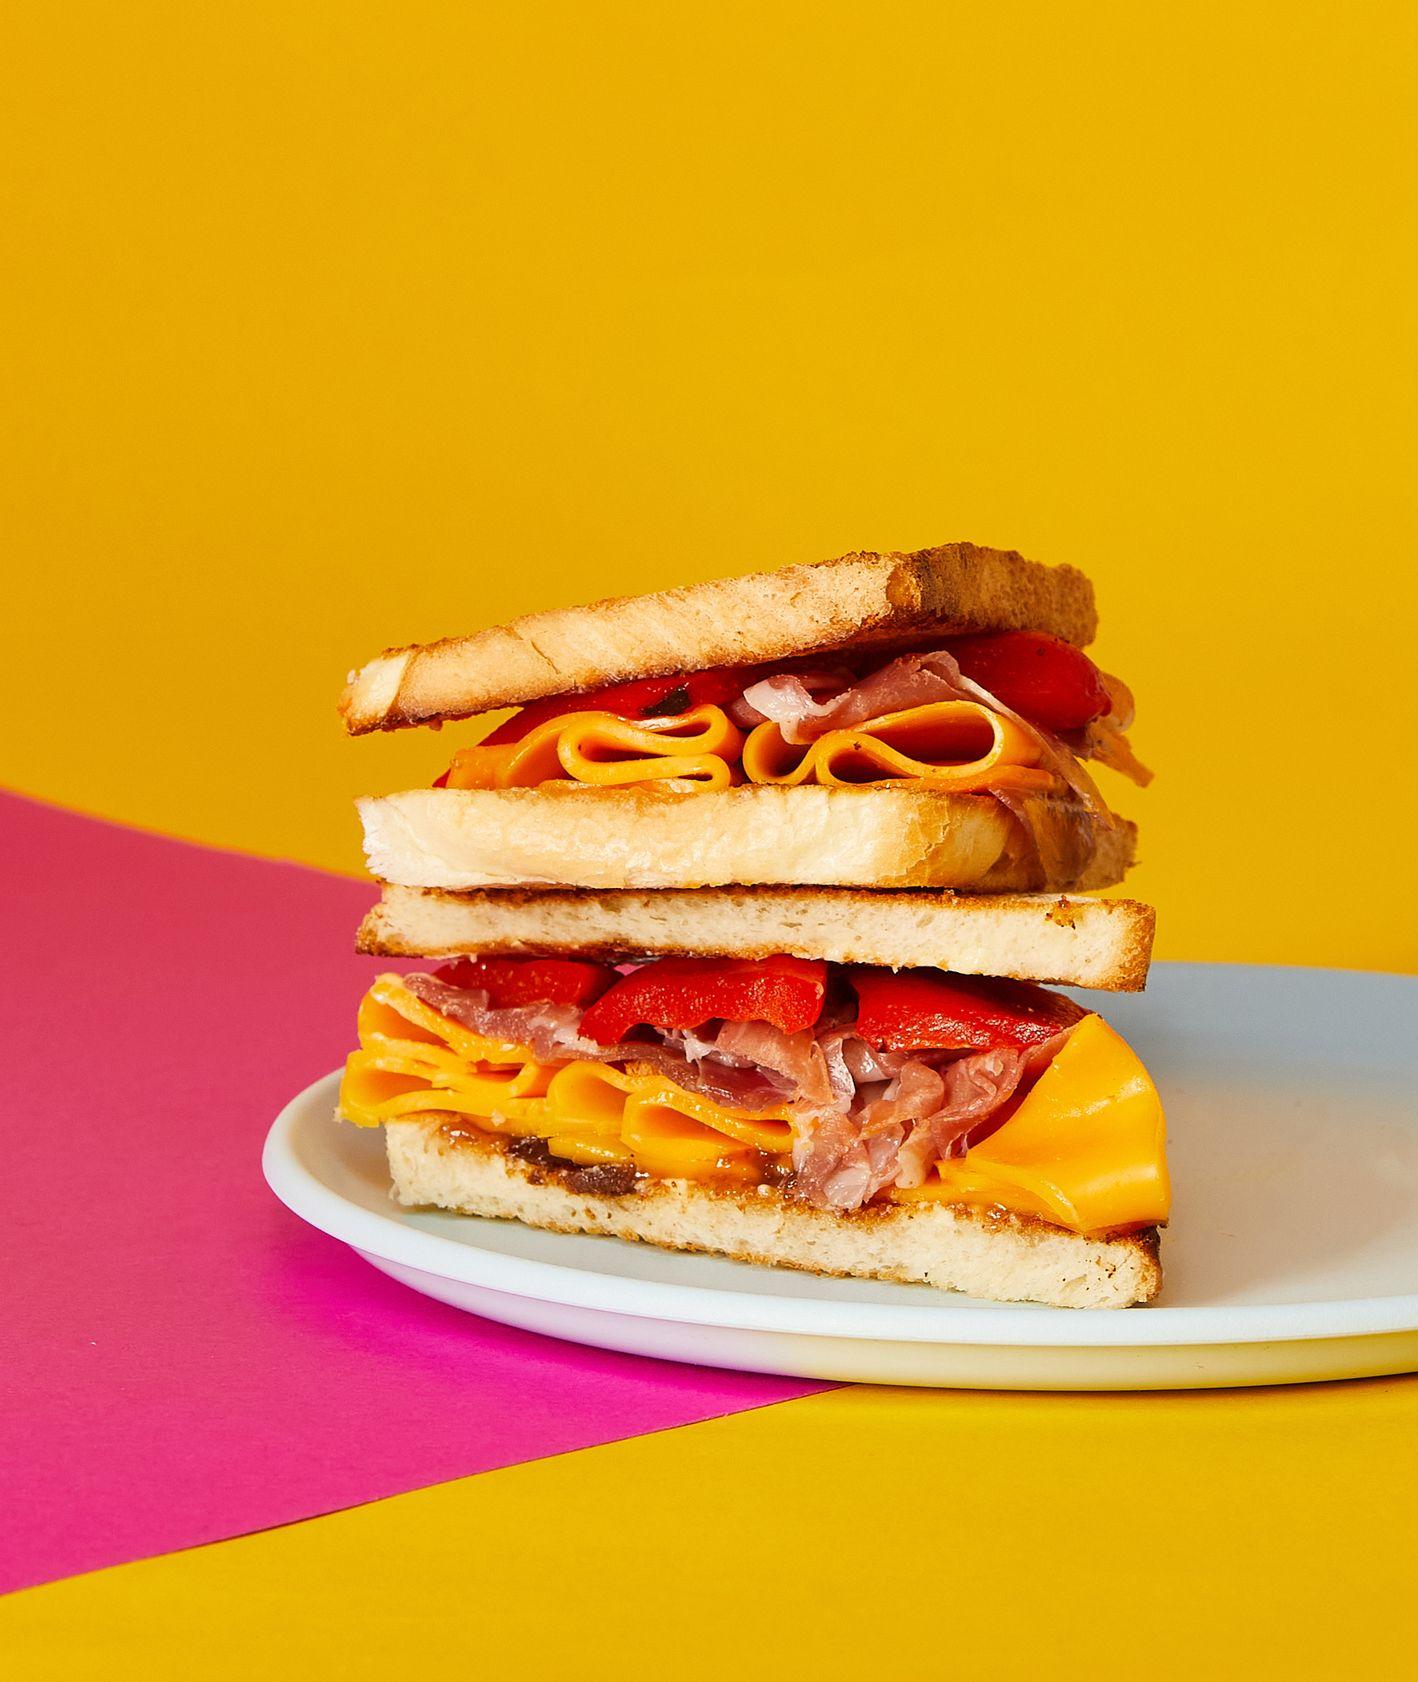 Pomysł na tost z powidłami i szynką prosciutto, pomysł na kanapkę dla dziecka do szkoły, oryginalne kanapki do szkoły  (fot. Maciej Niemojewski)